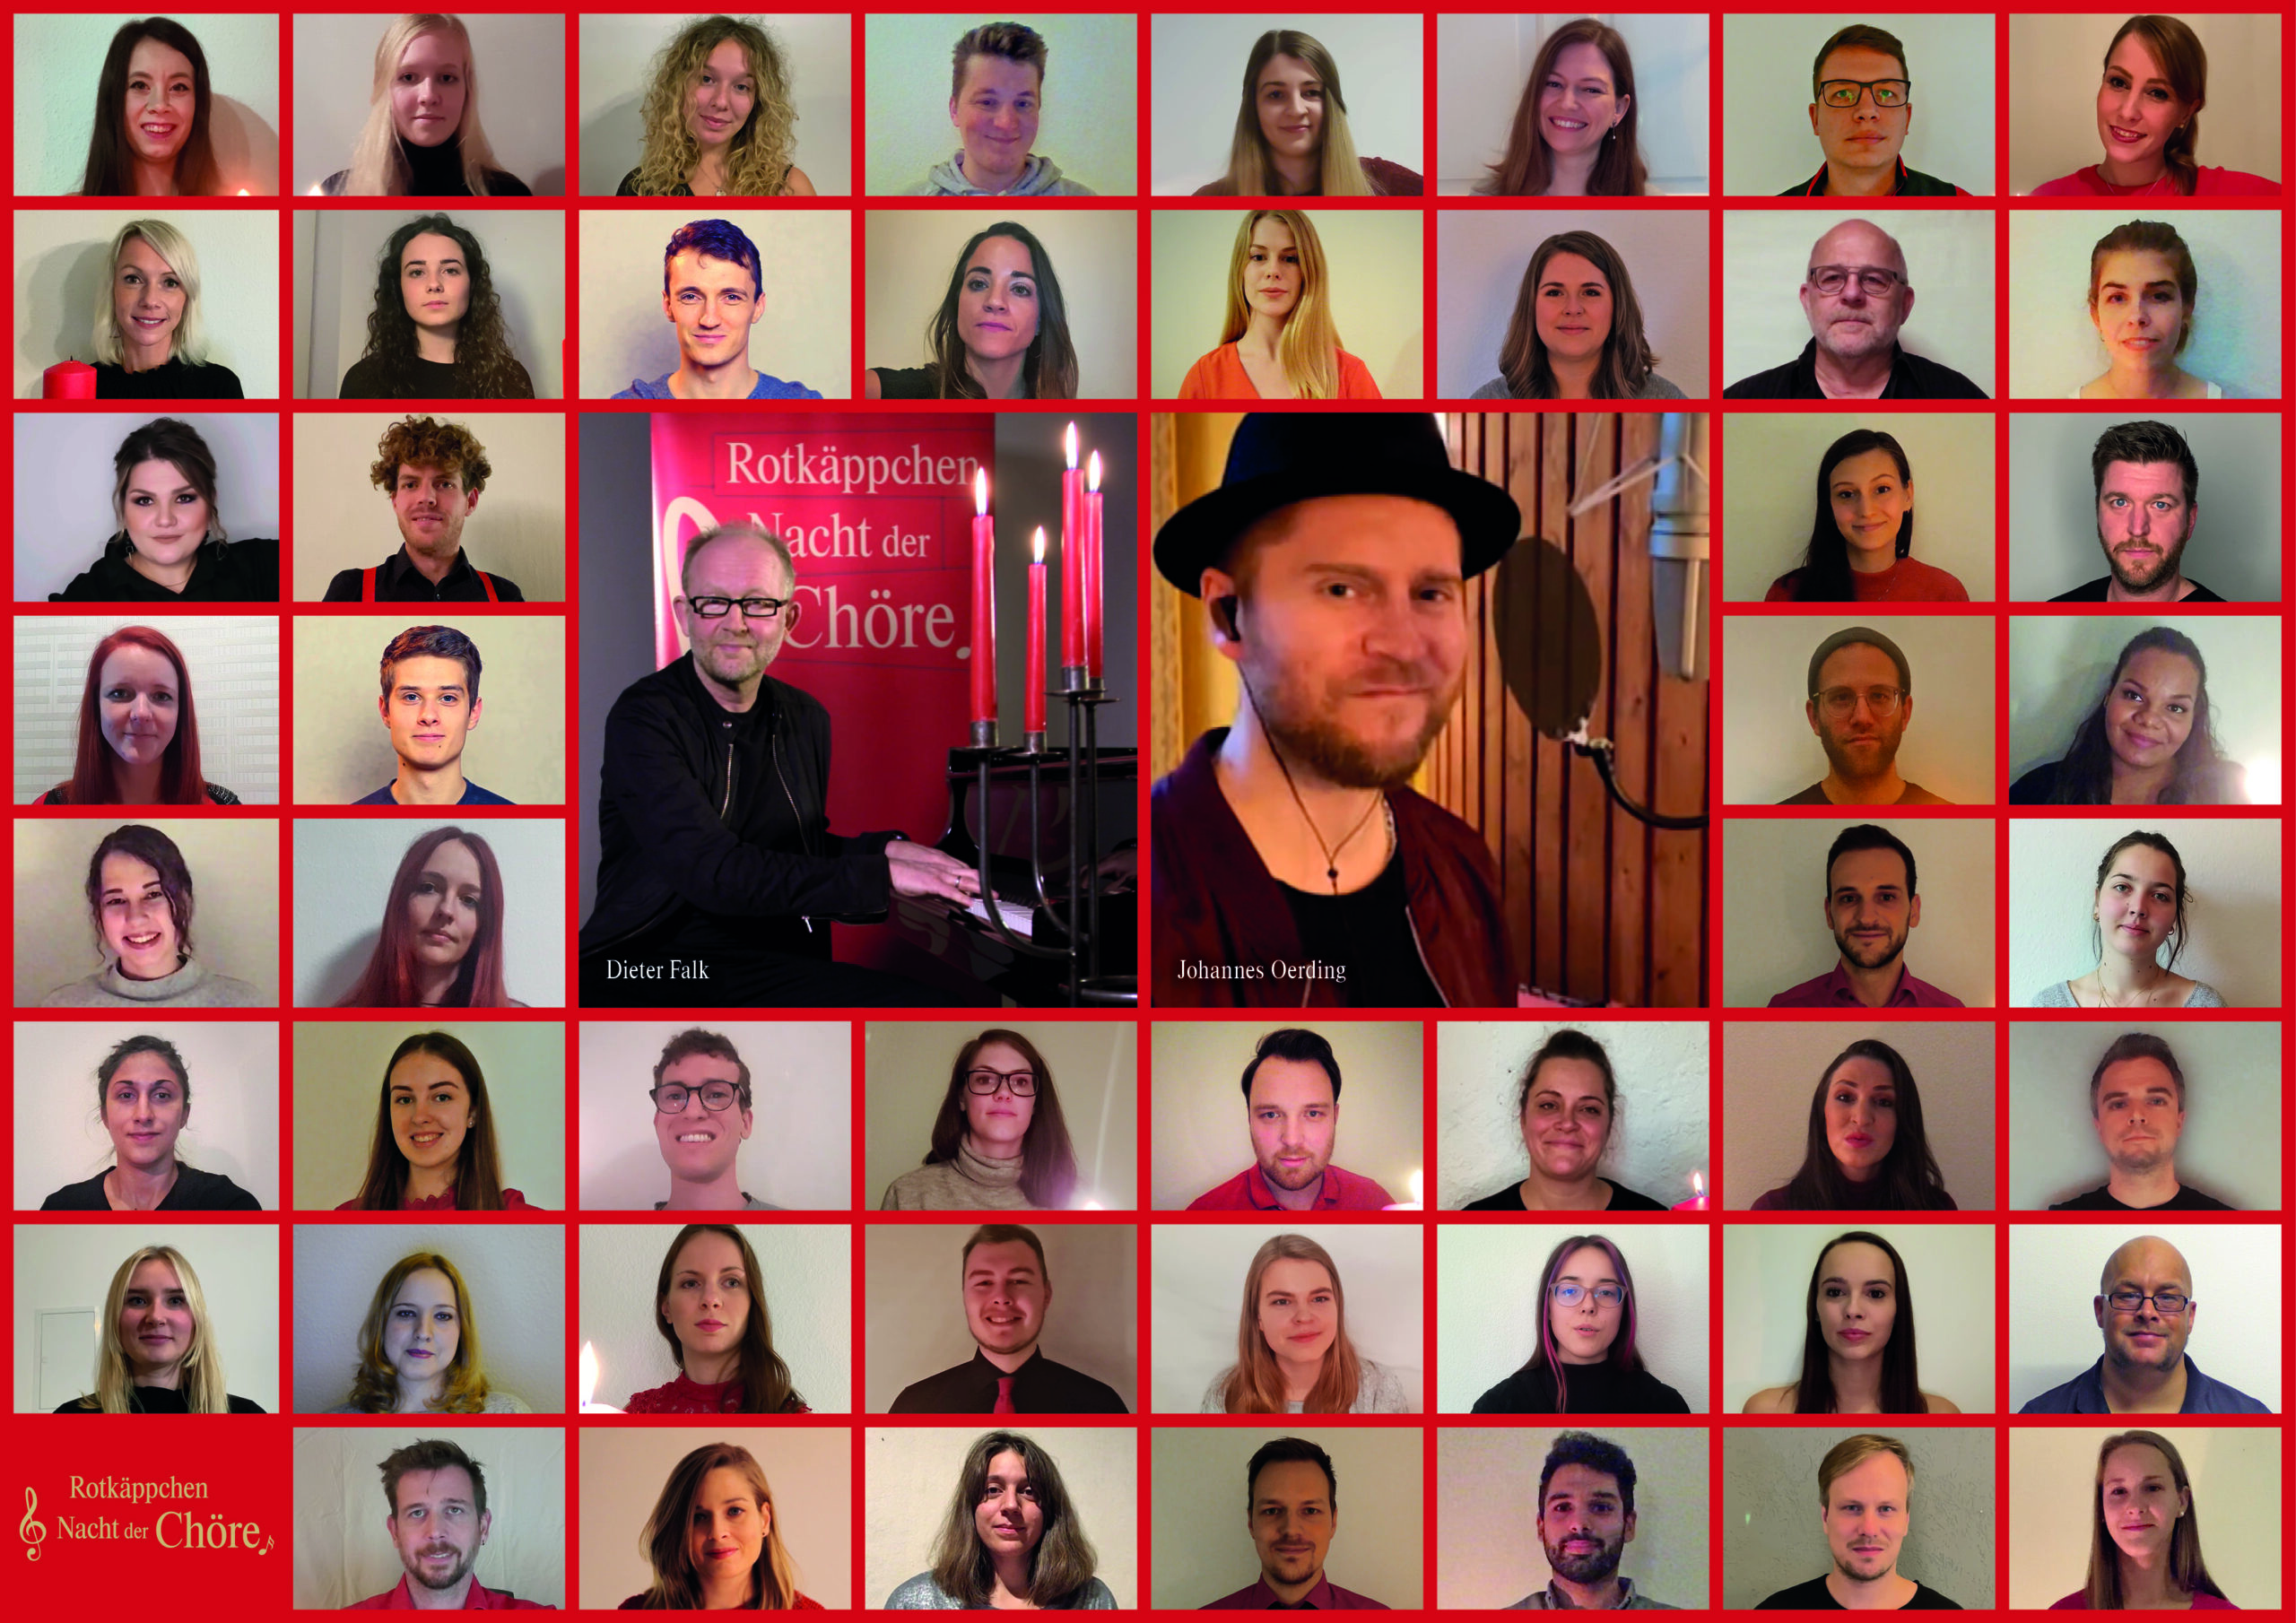 Rotkappchen Sorgt Mit Johannes Oerding Und Dieter Falk Fur Zuversicht Auf Besinnliche Feiertage Chorportal Hamburg